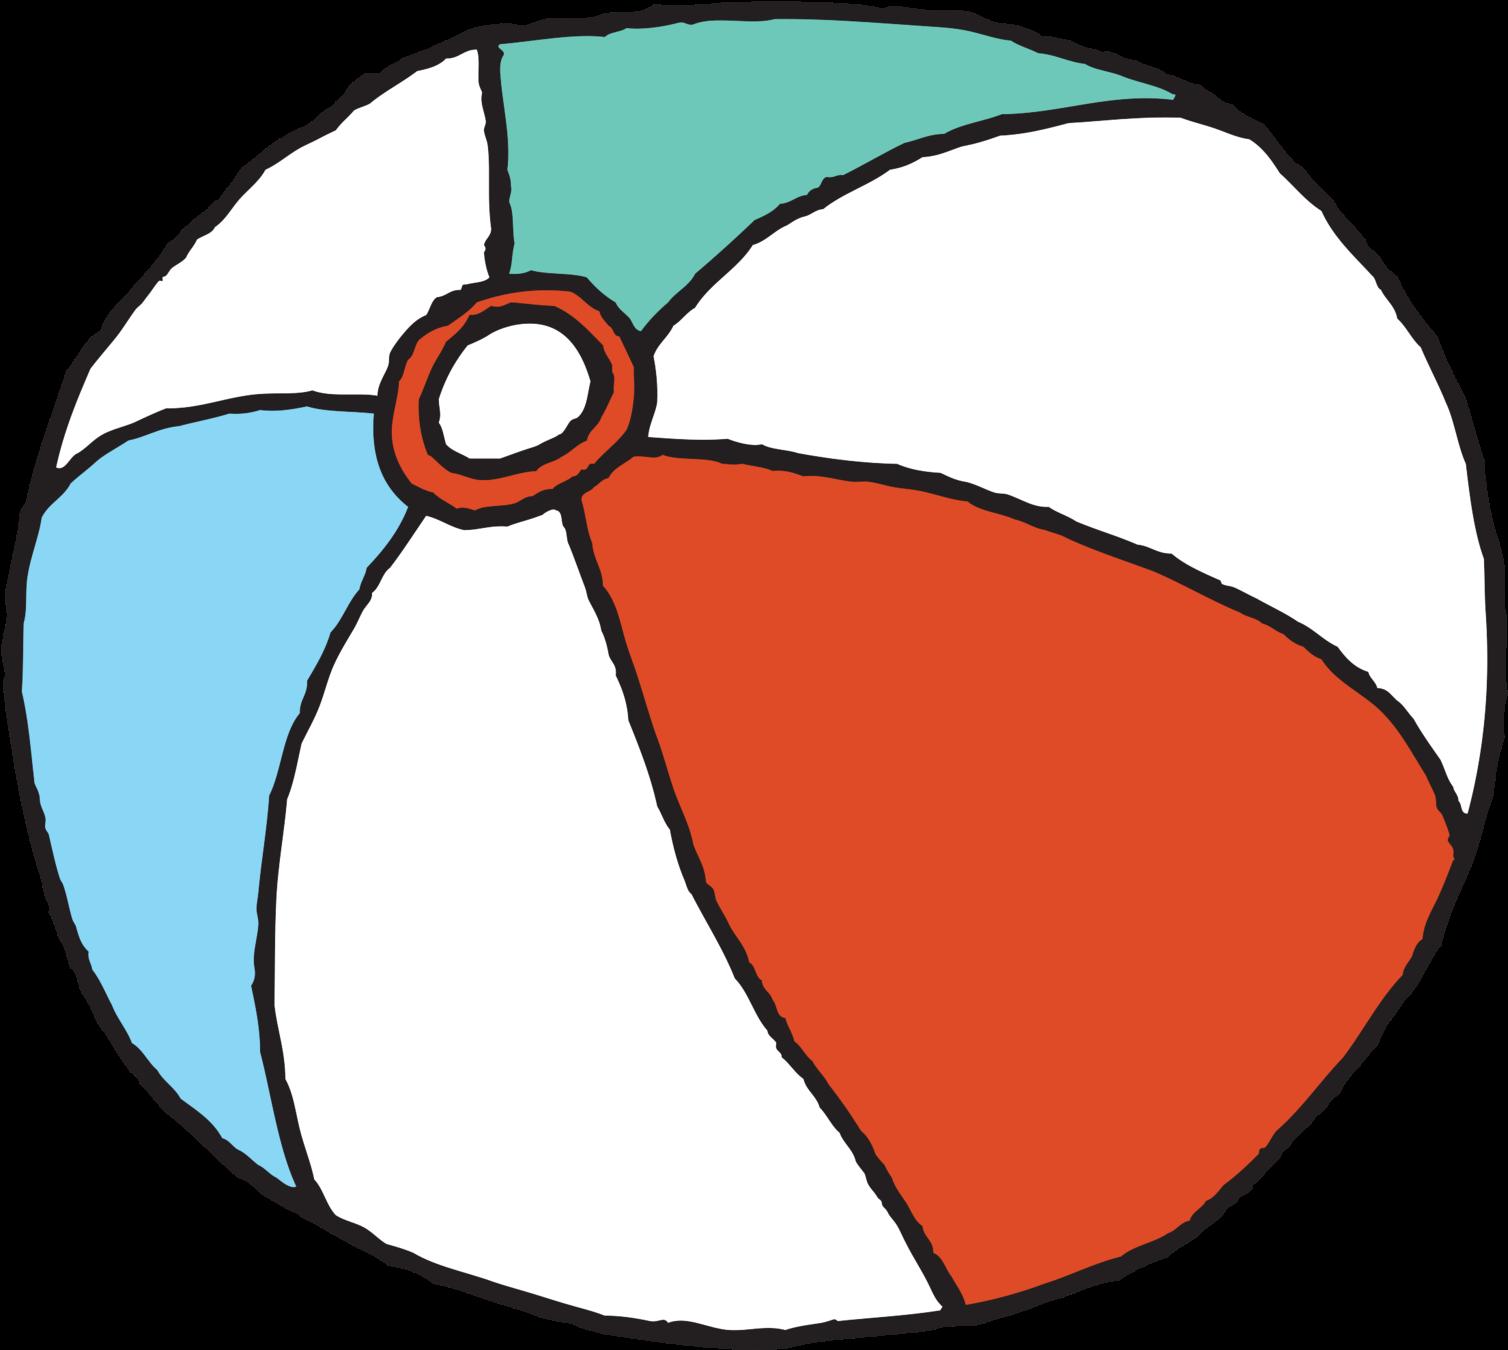 Transparent beach ball clip art - Cartoon Beach Ball Png